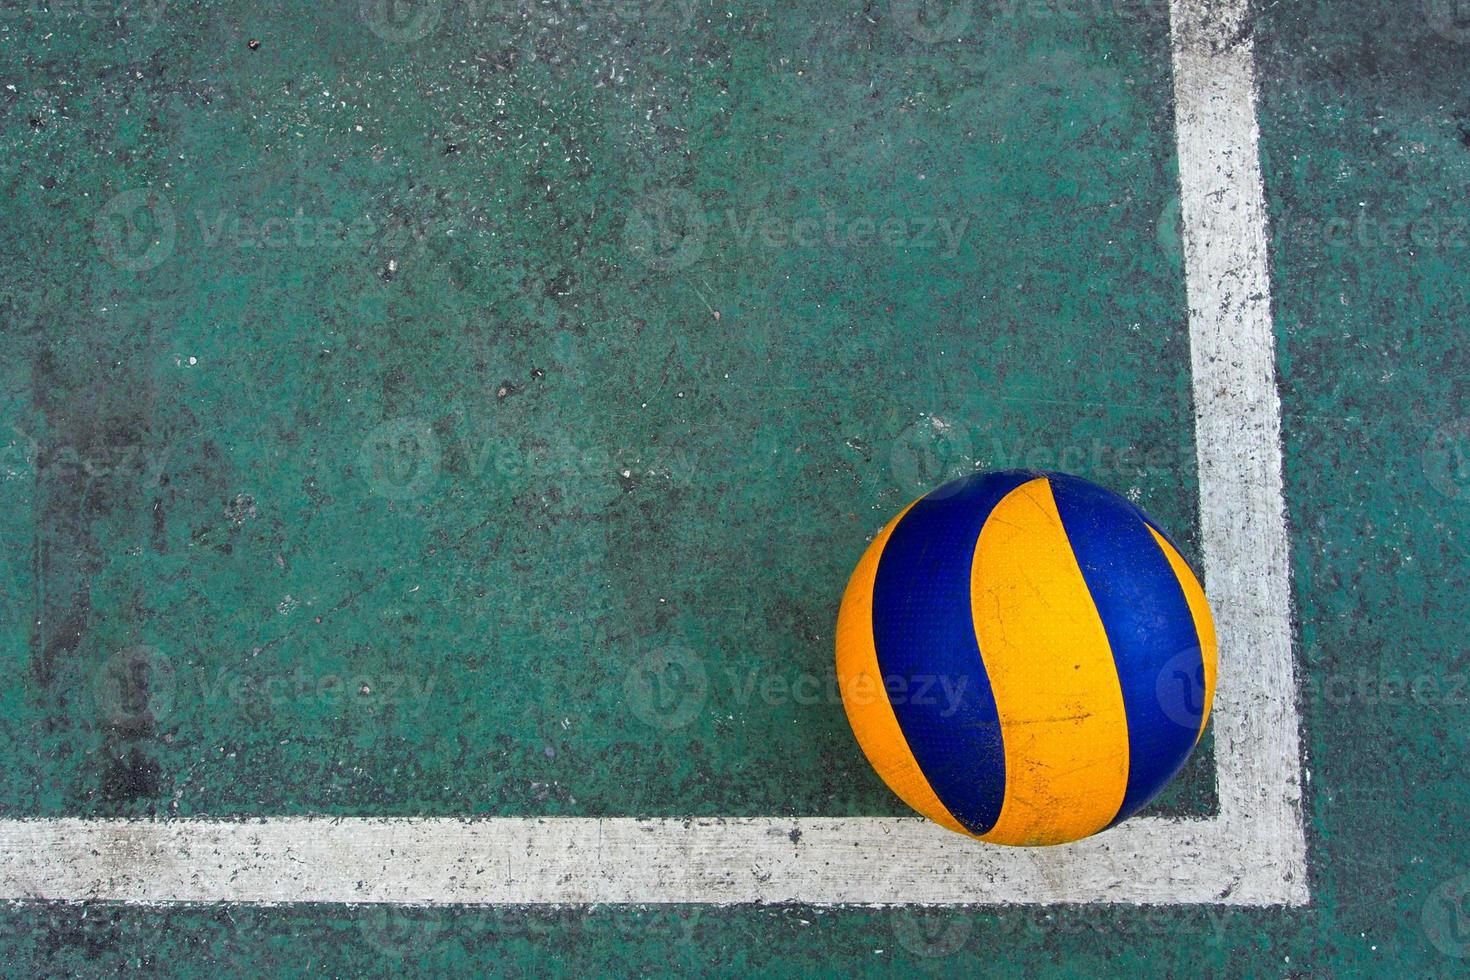 vieux volley-ball sur un terrain sale photo